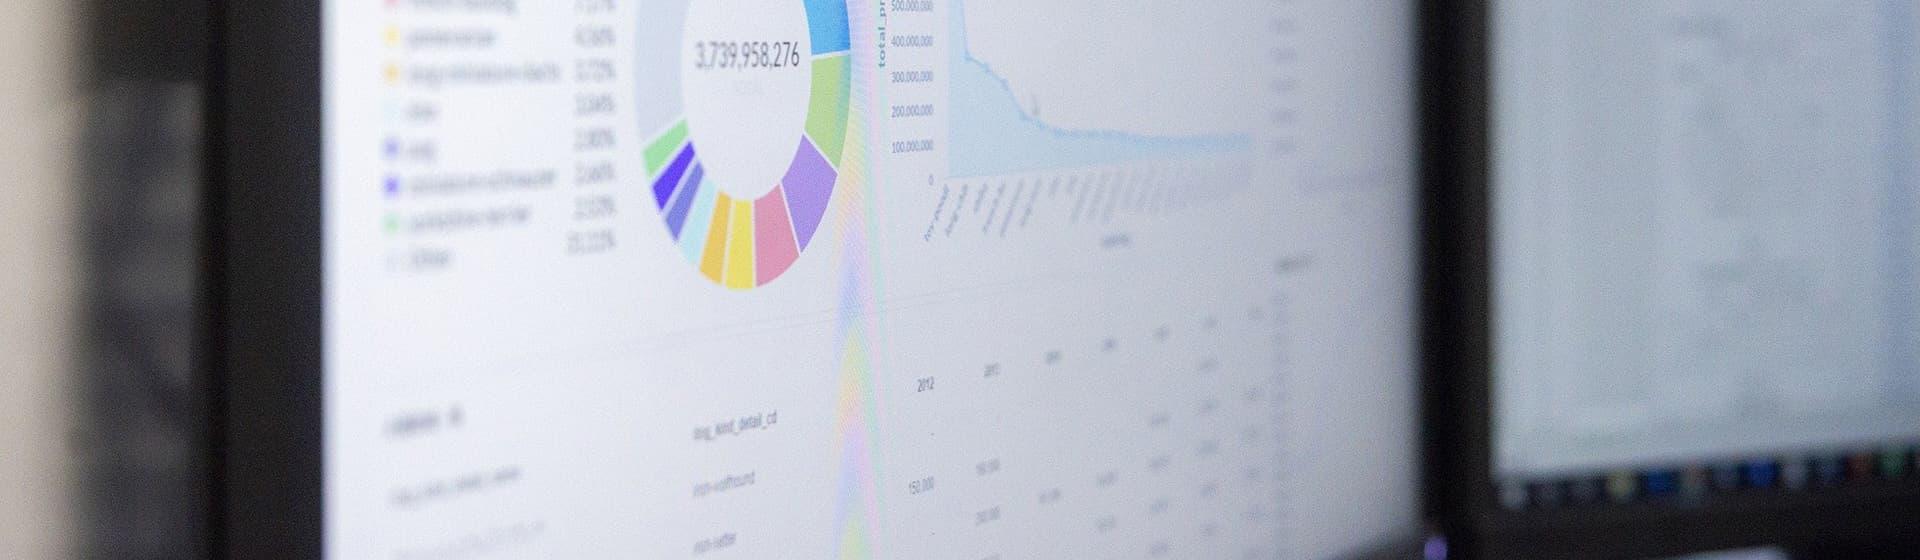 リスティング広告データ